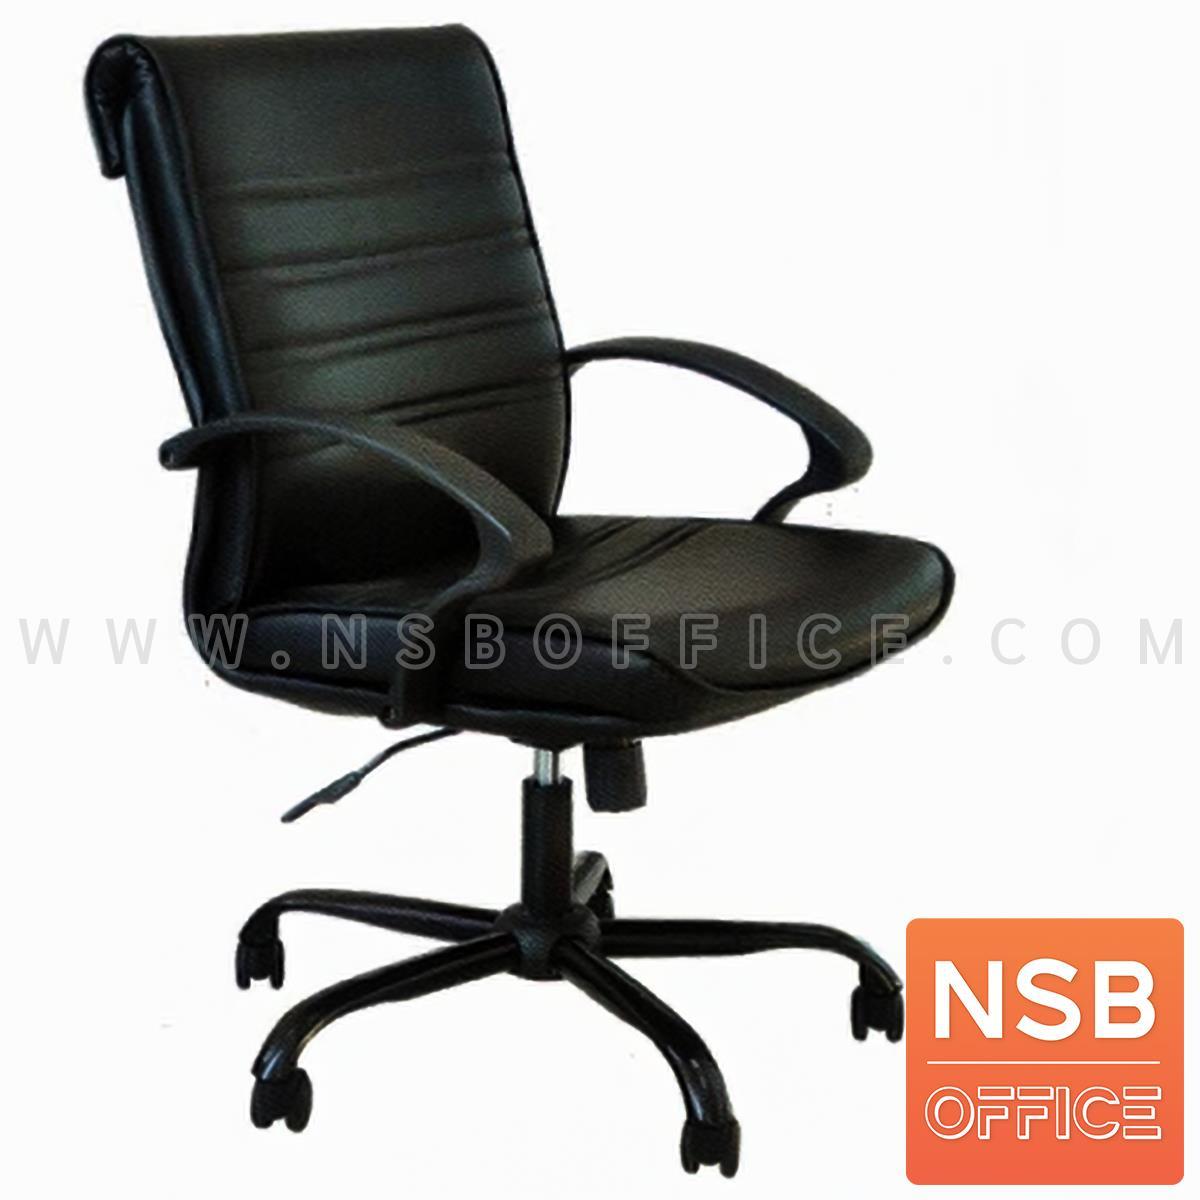 B26A142:เก้าอี้สำนักงาน รุ่น Skyless (สกายเลส)  โช็คแก๊ส ขาเหล็กพ่นดำ